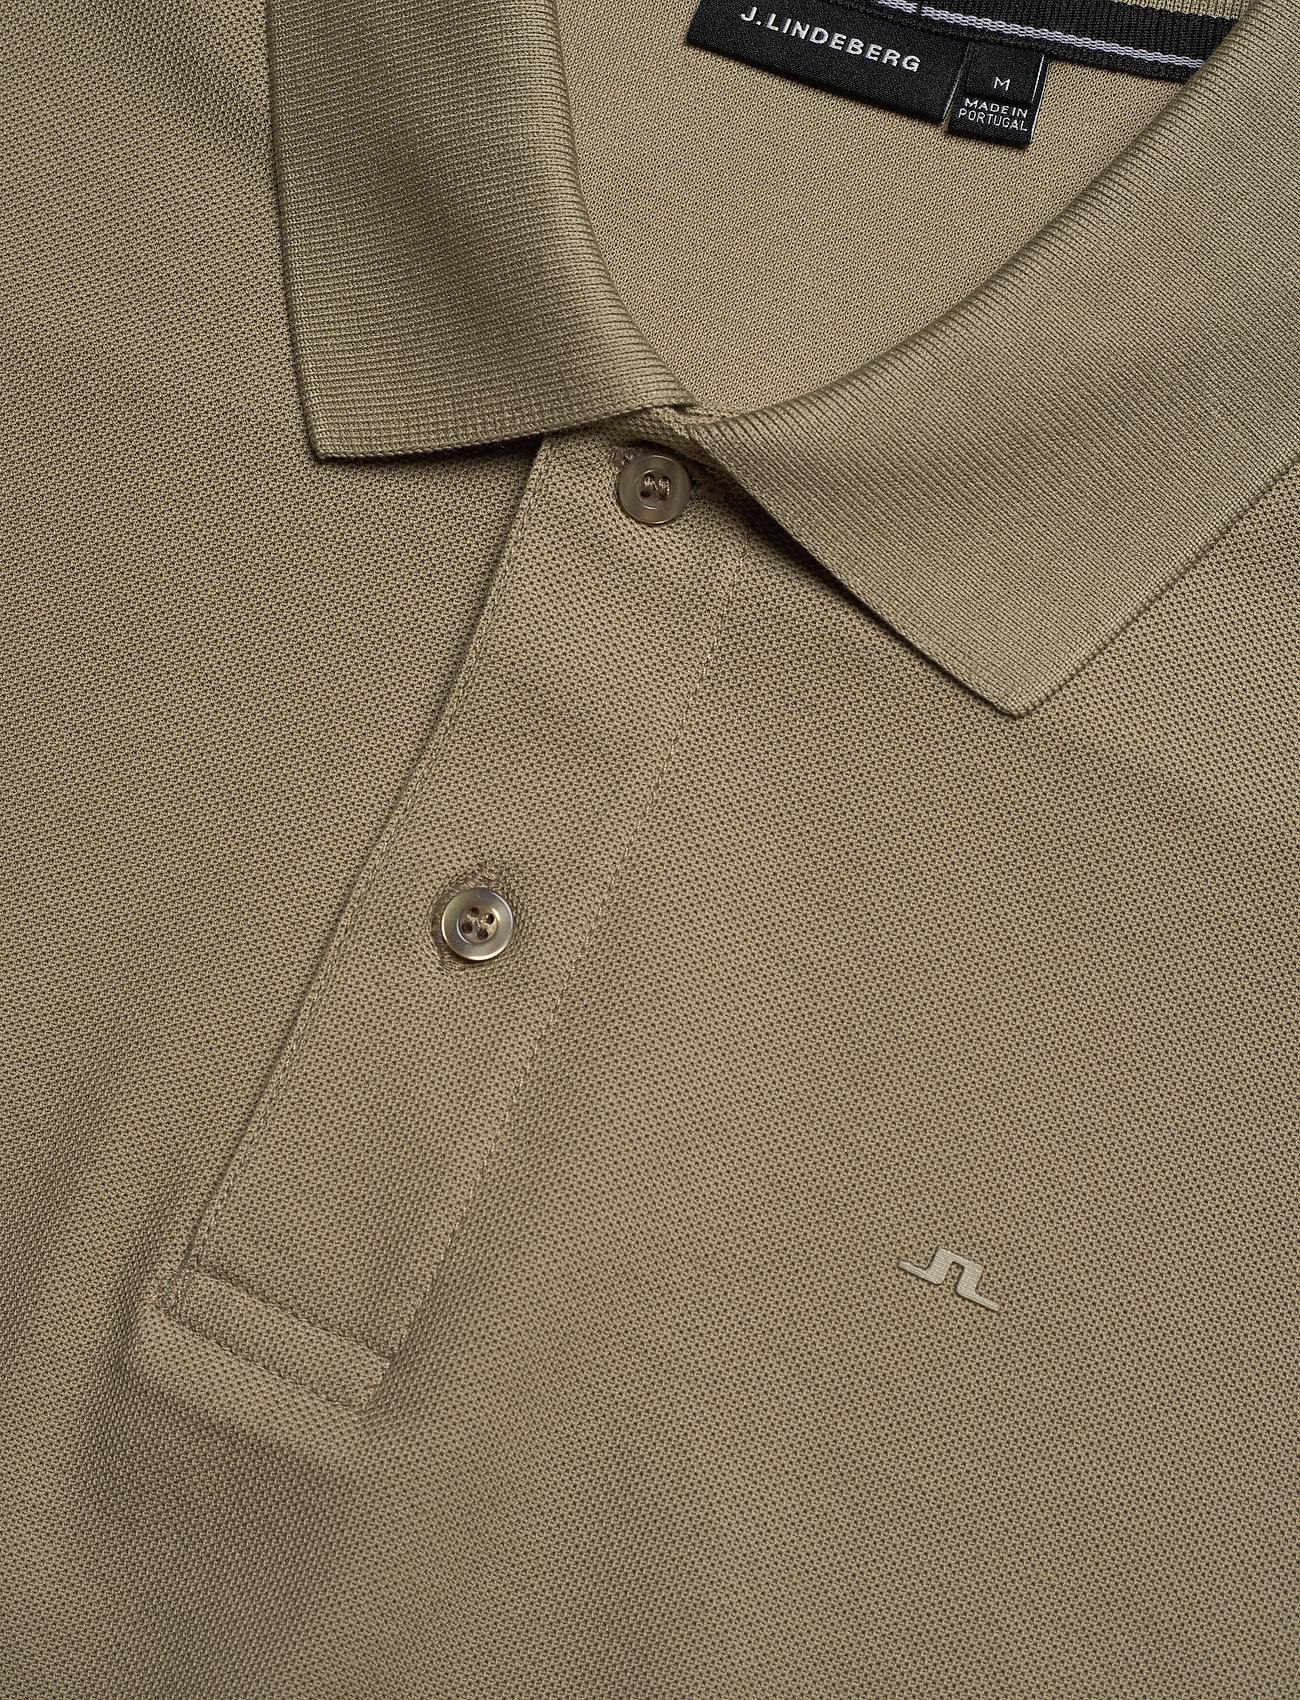 J. Lindeberg Troy-Clean Pique - Poloskjorter COVERT GREEN - Menn Klær